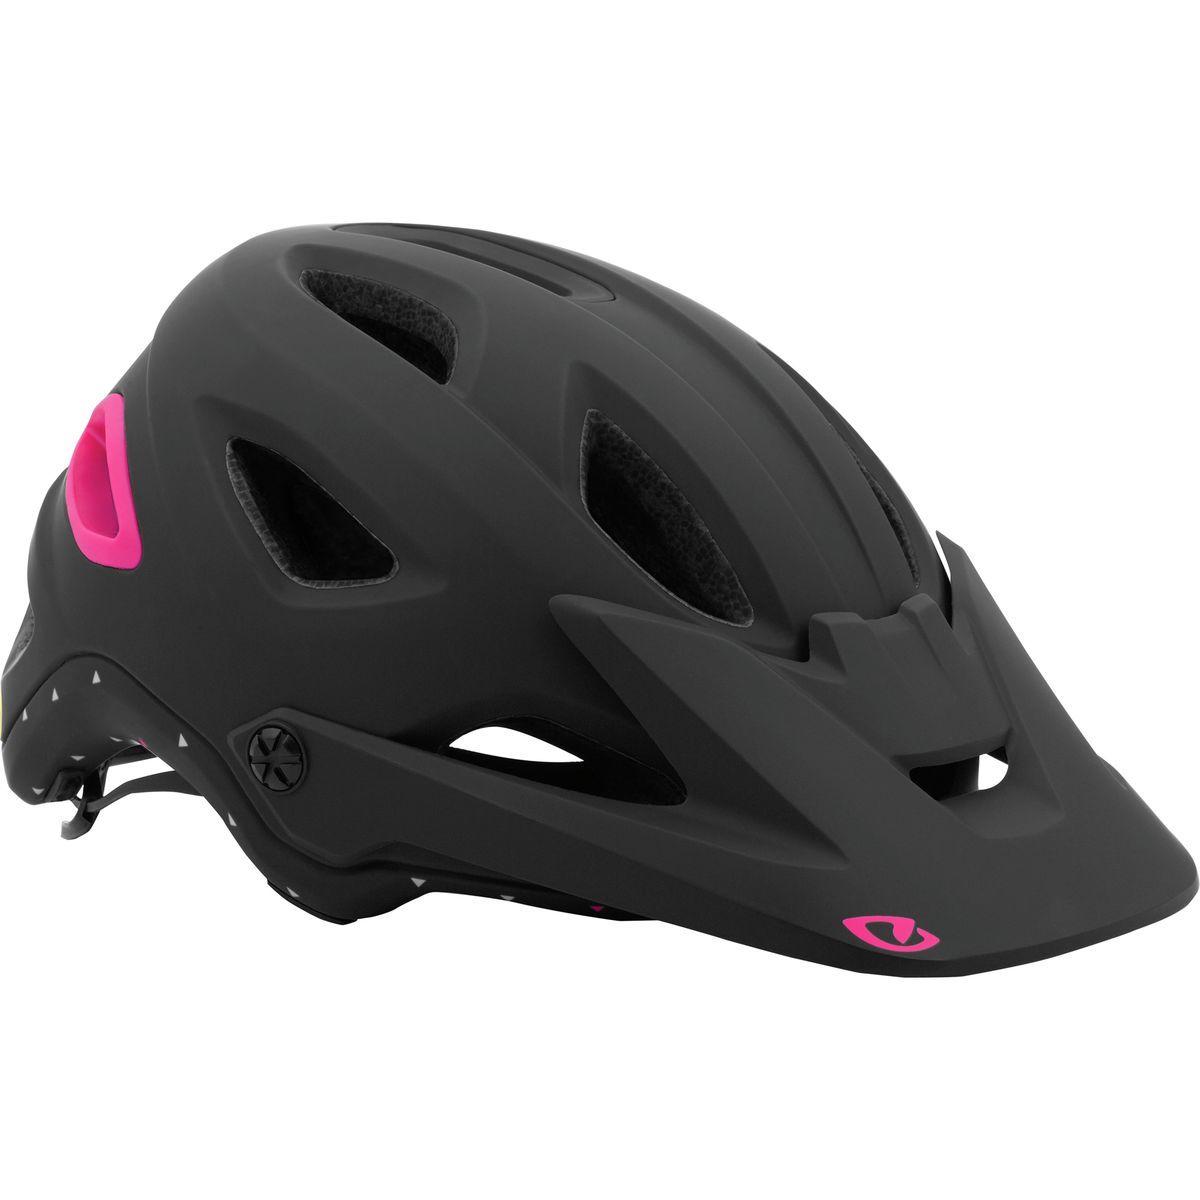 Giro Montara MIPS Helmet - Women's